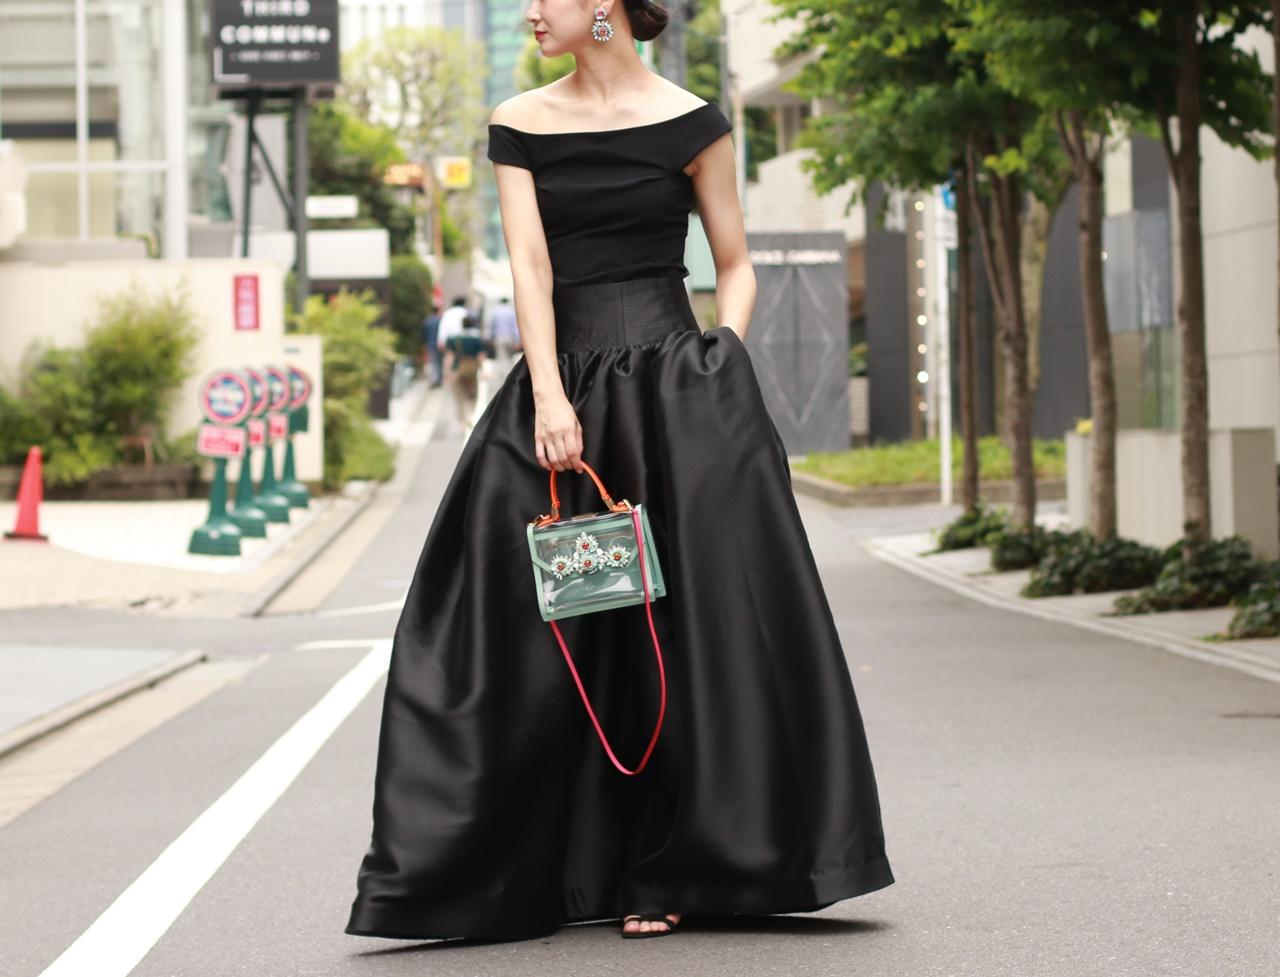 黒いオフショルダートップスとKhoon Hooi(クーン・フーイ)のハイウエスタックスカートは骨格ウェーブの方におすすめのレンタルドレス